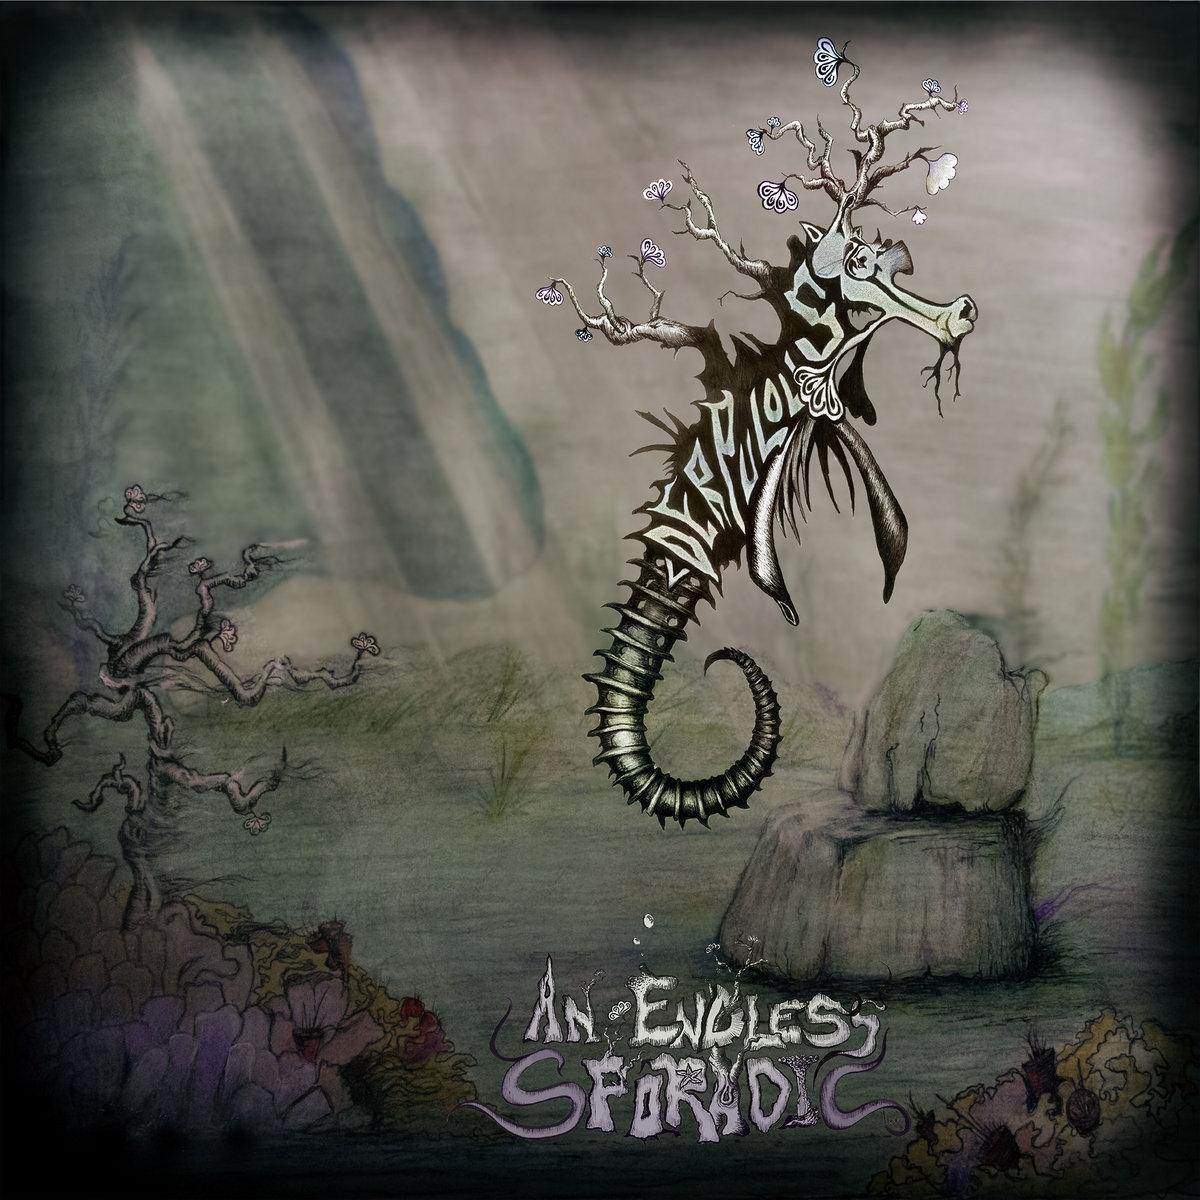 Derpulous by An Endless Sporadic